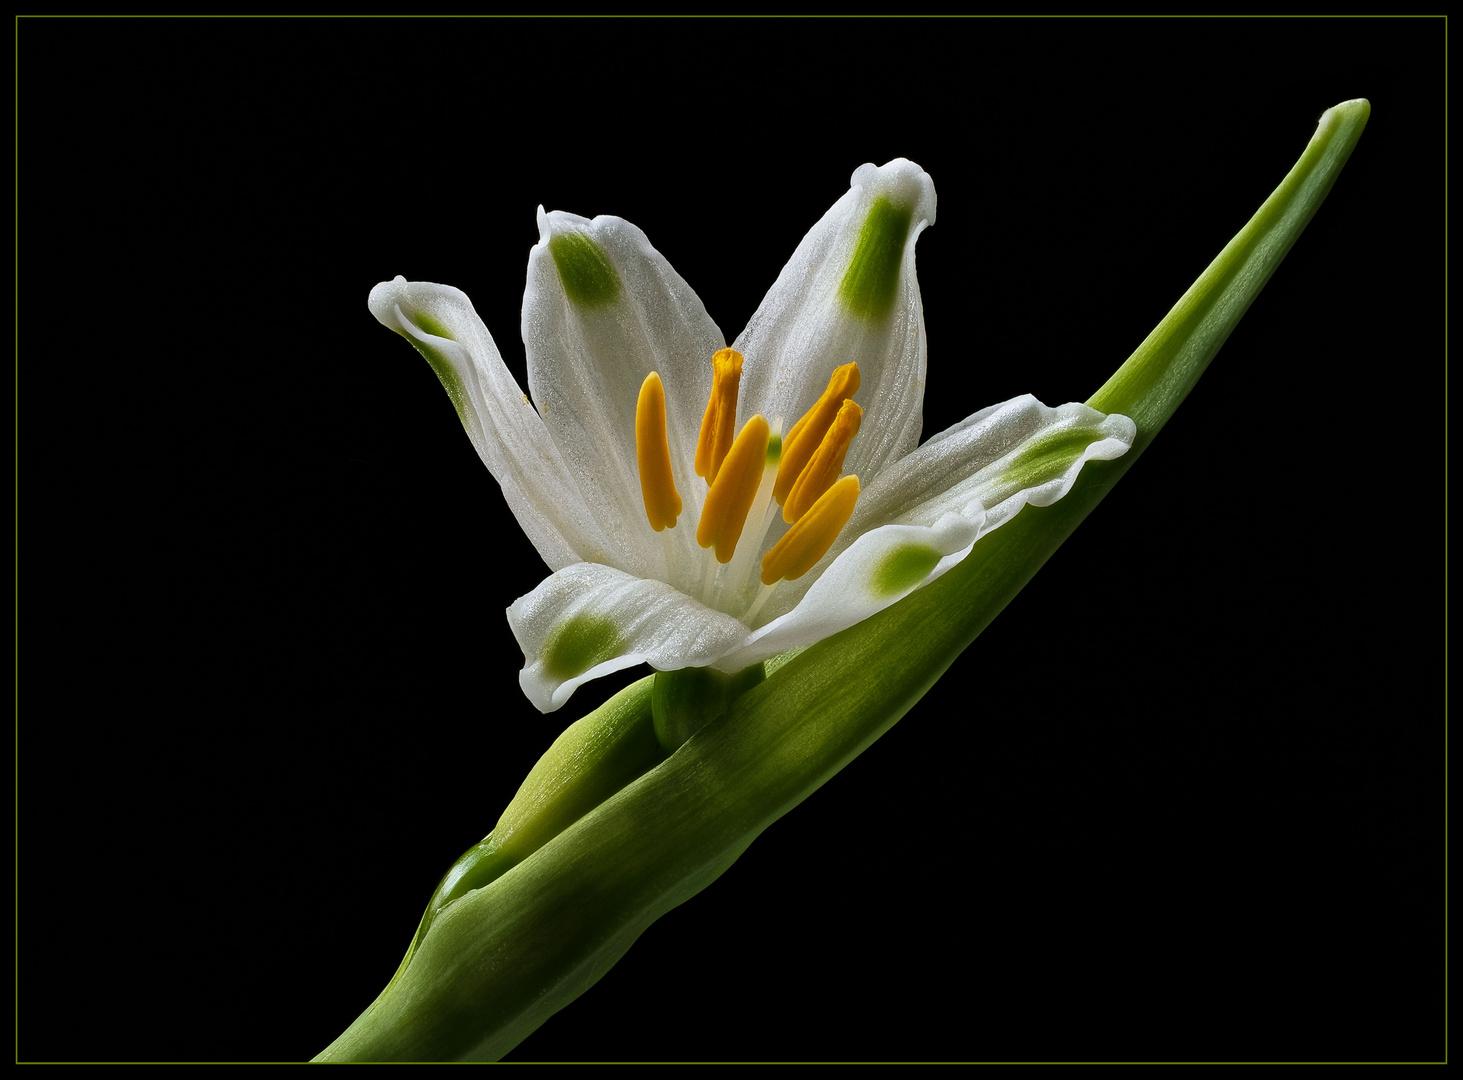 Mein Blumen-Gruß zum Osterfest